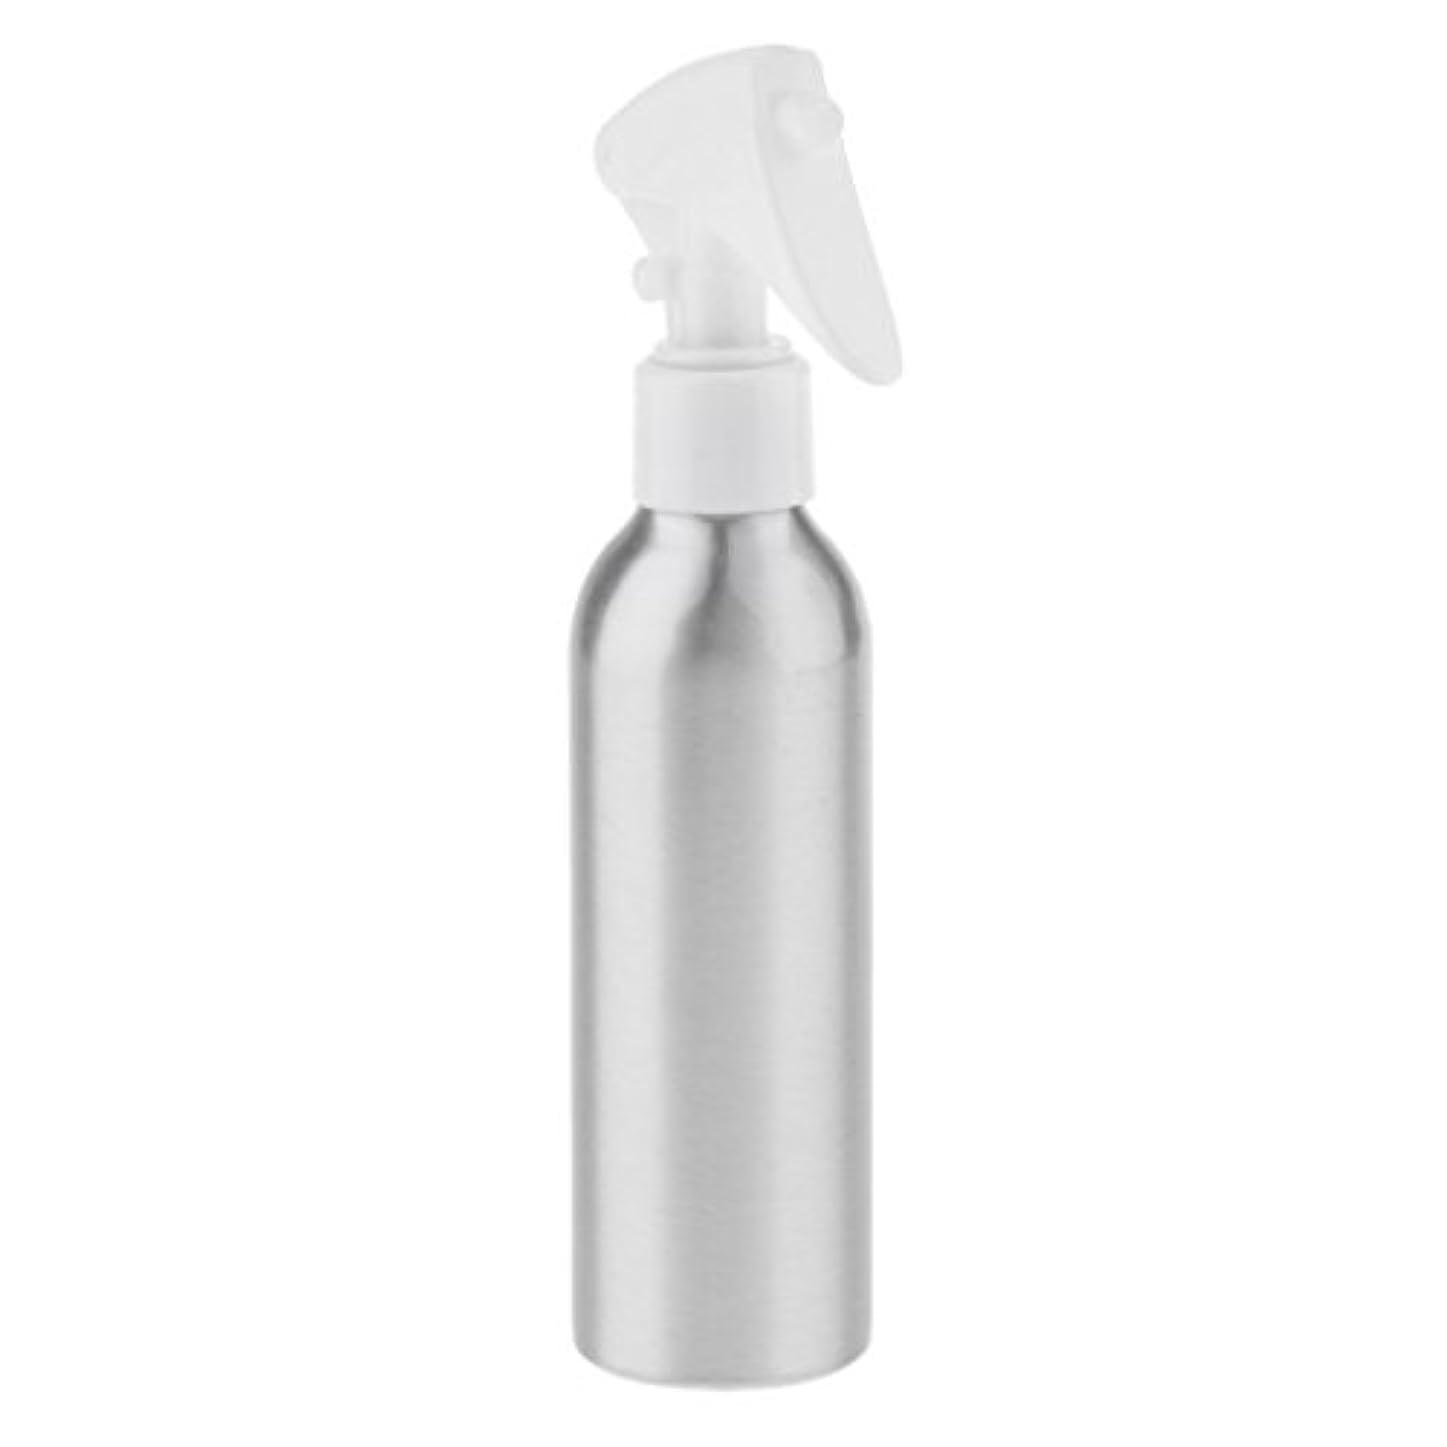 水族館神秘脆いスプレーボトル 空ボトル 水スプレー スプレー ポンプボトル 噴霧器 家庭用 プロのサロン 多機能 6サイズ選択 - 150ML